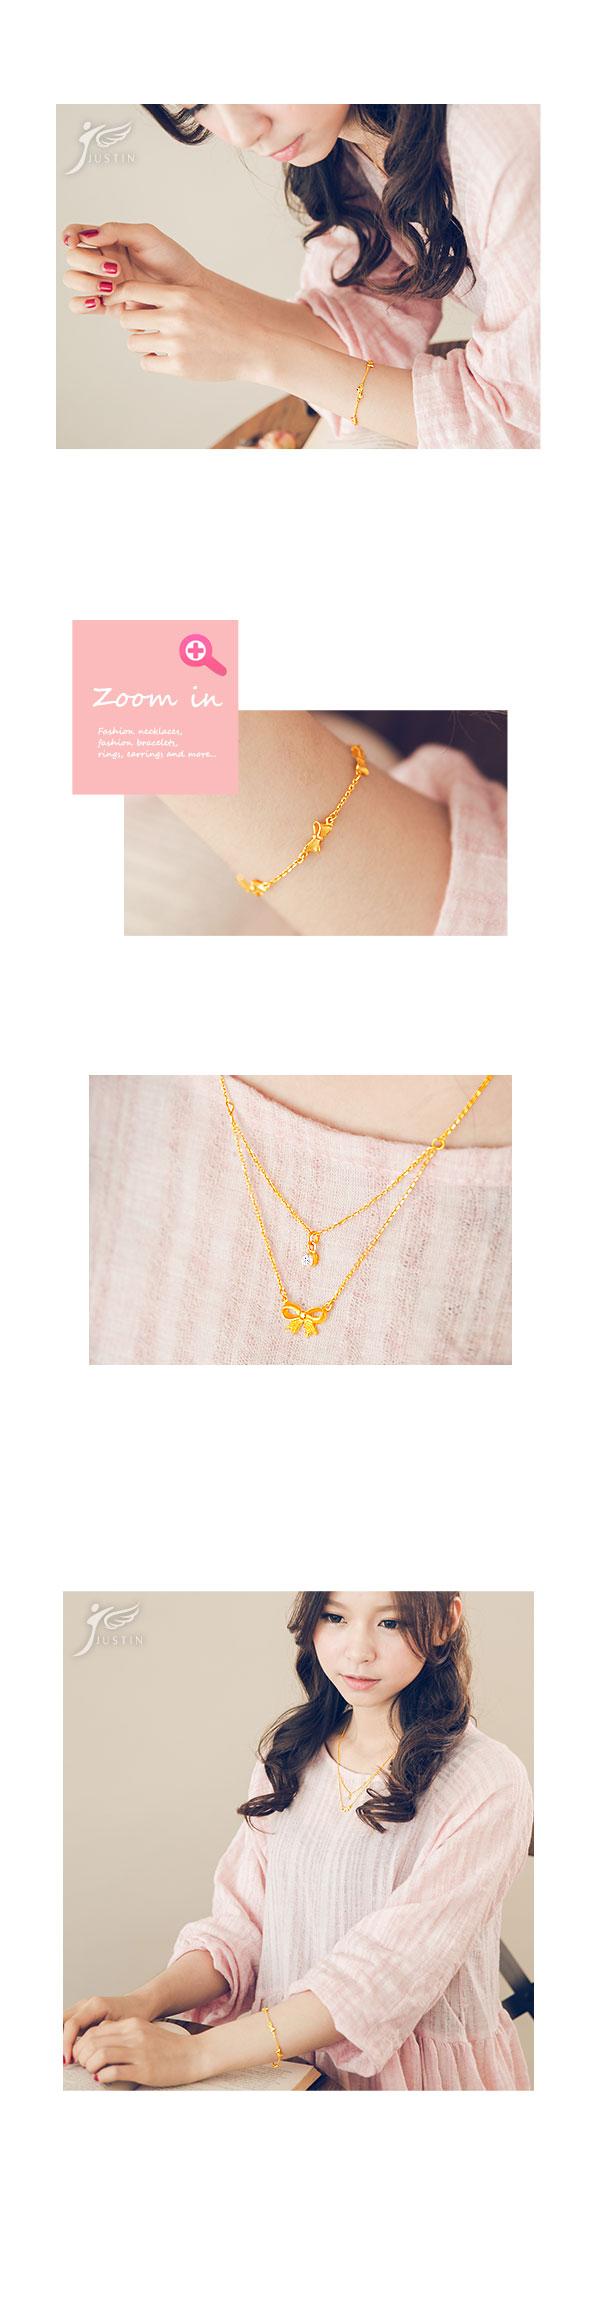 金緻品,金製品,黃金價格,金飾,金飾價格,黃金飾品,金飾店,純金,金飾品牌,黃金投資,鑽石,鑽戒,結婚金飾